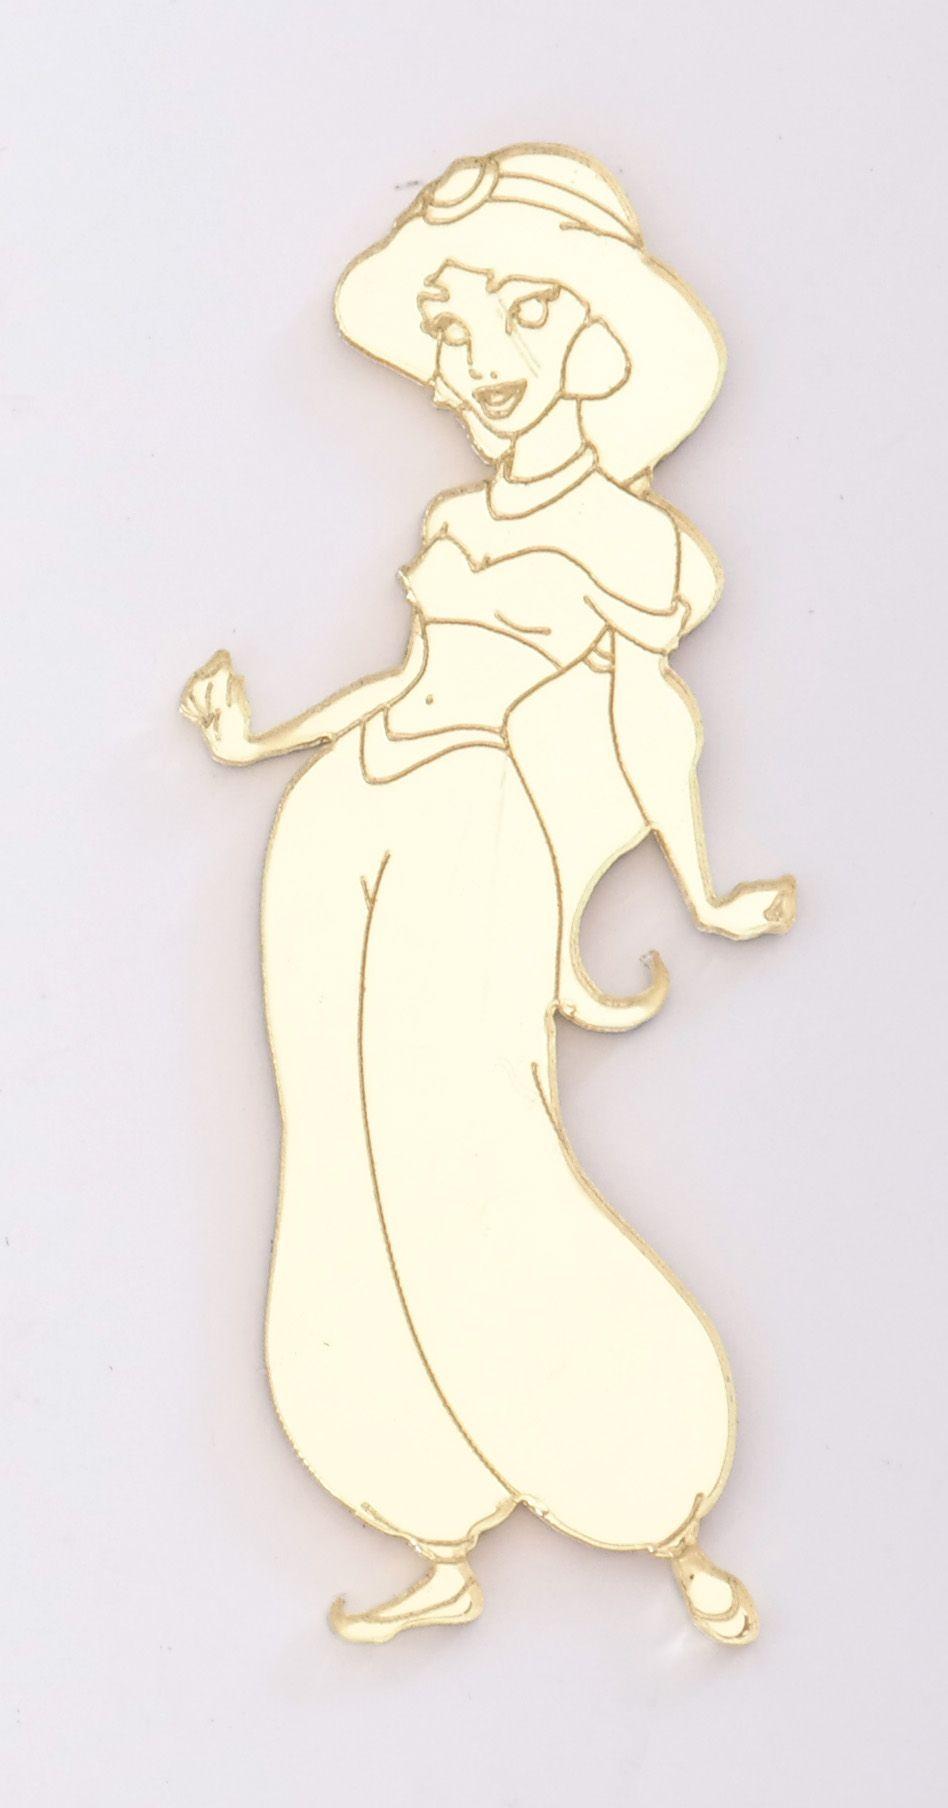 Aplique em acrílico espelhado - Princesa Jasmine - 5cm - 10 peças